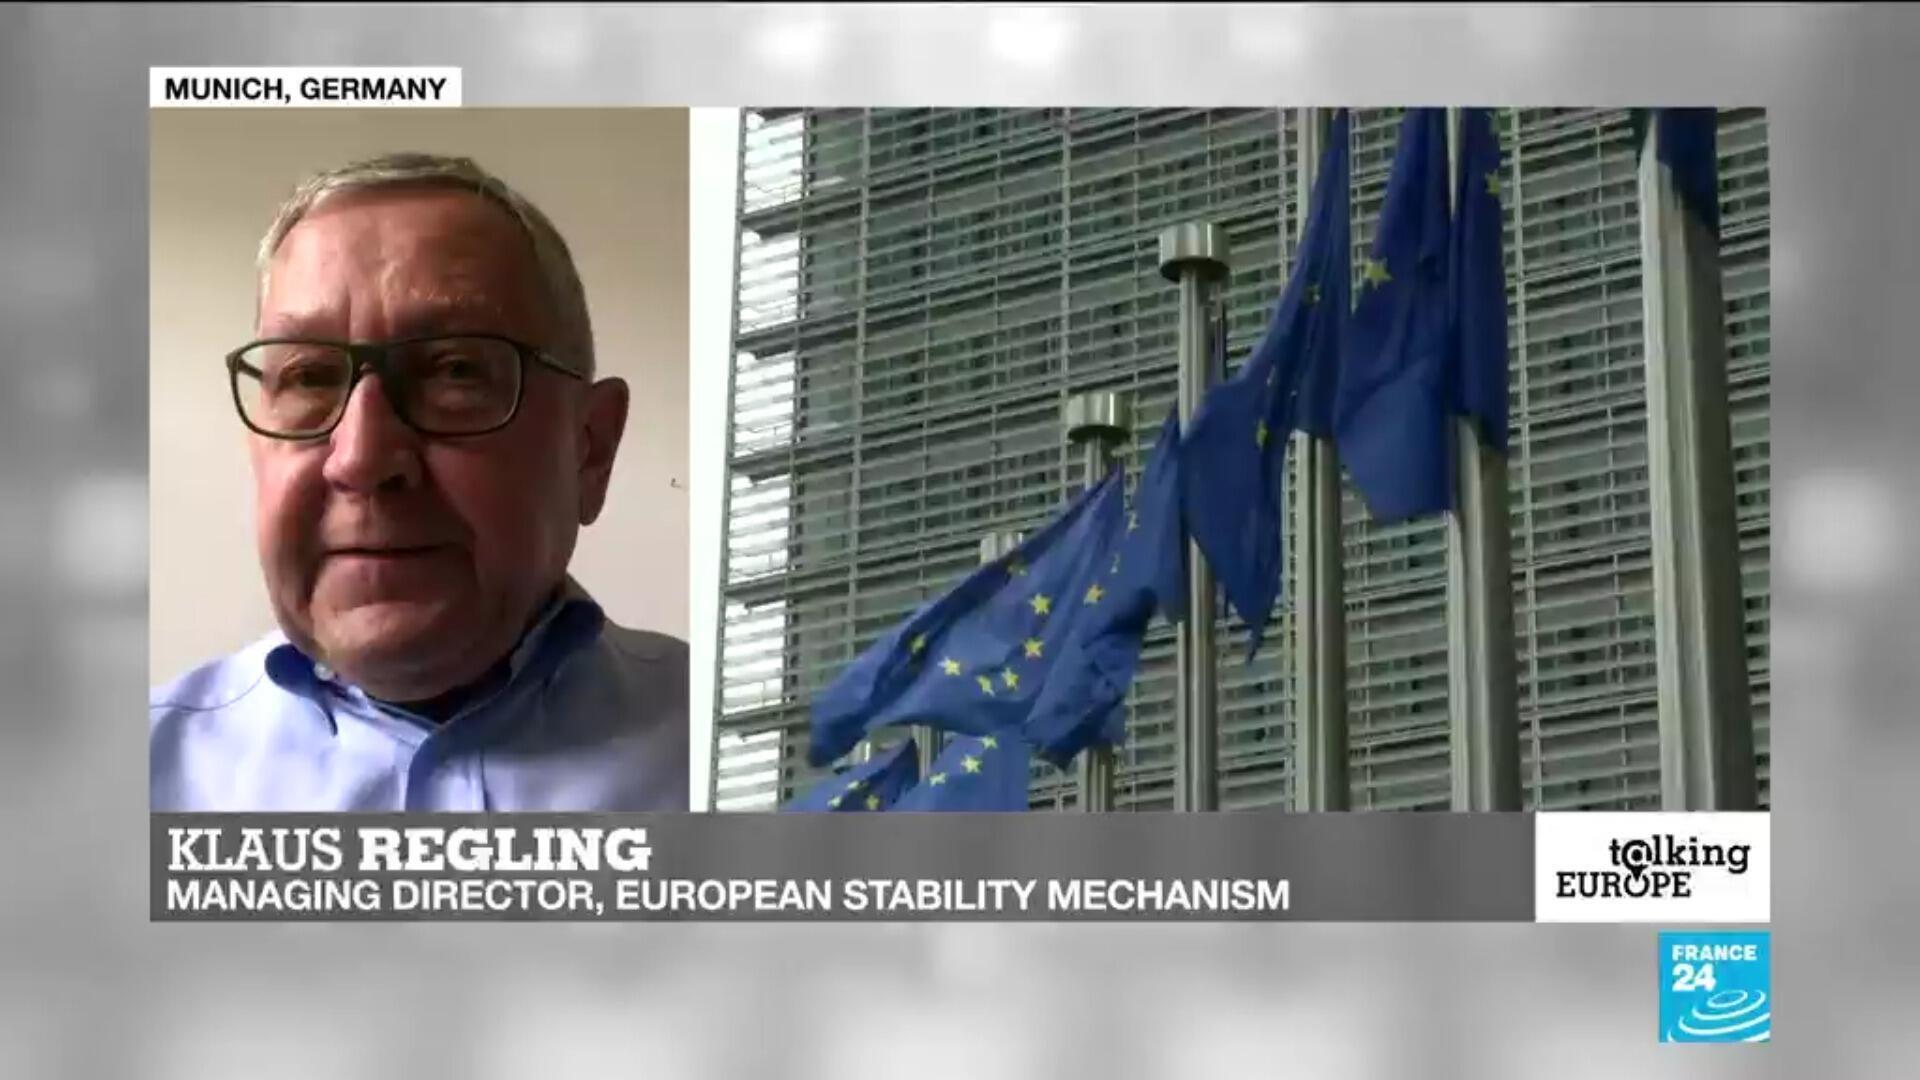 TALKING EUROPE 0525